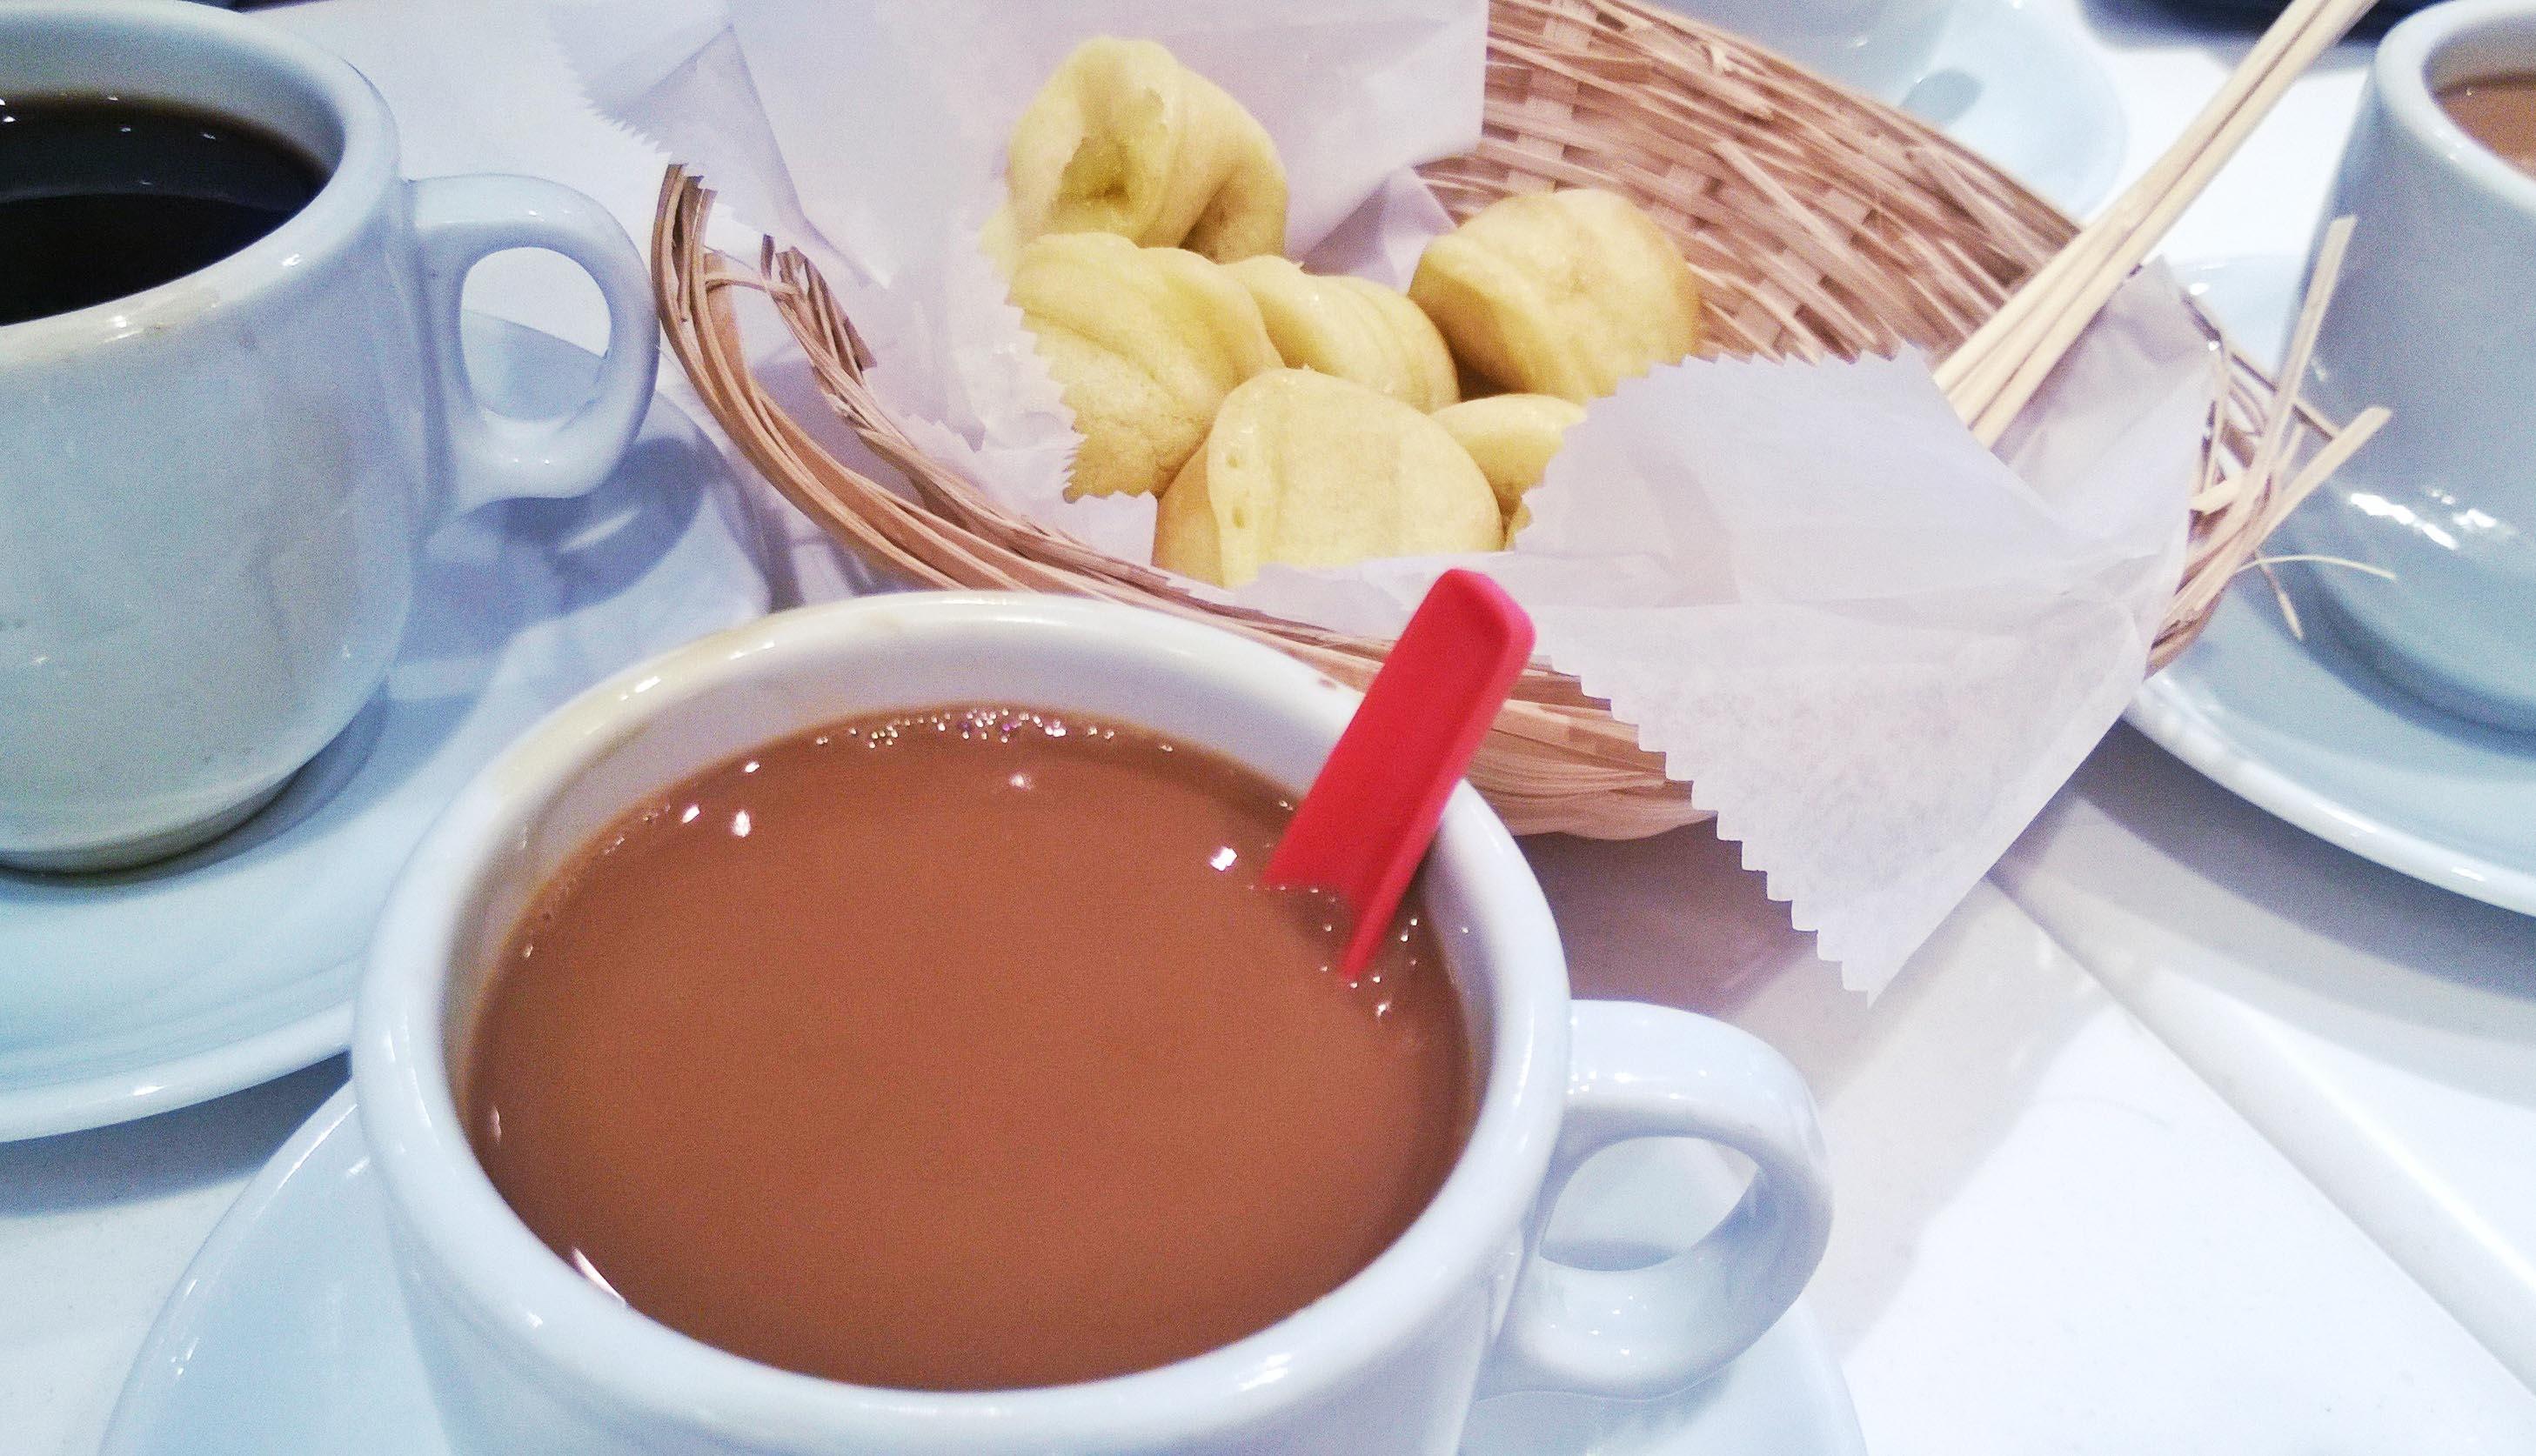 Typisch Singapur: Kopi (sehr konzentrierter Kaffee) und Teigwaren mit Kaya, einer Kokosnuss-Ei-Paste